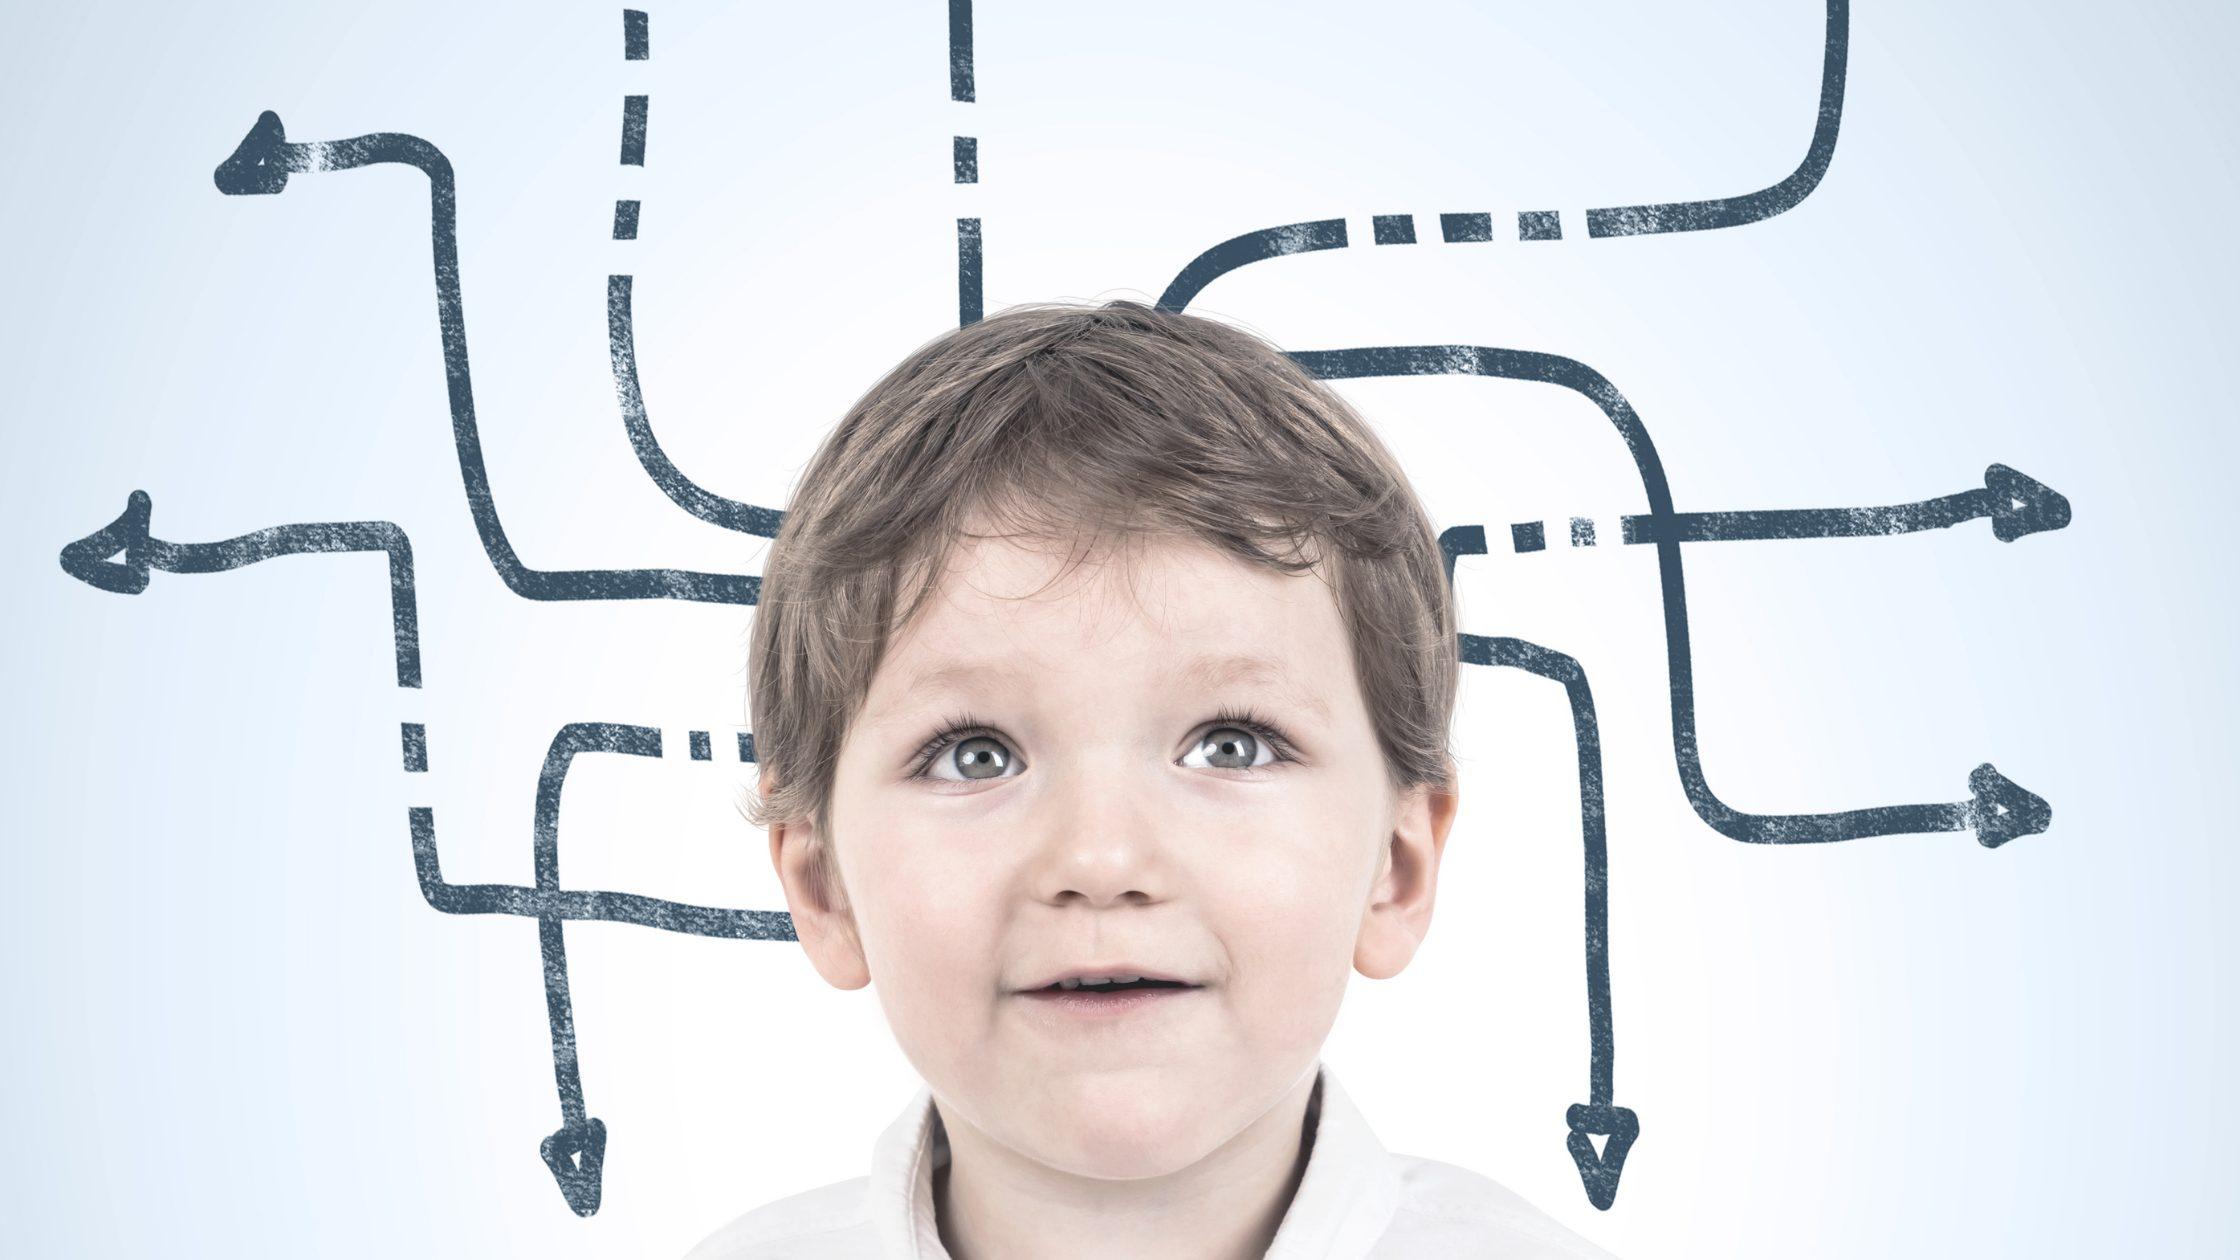 Pais e filhos: Mesmo jogo, regras diferentes